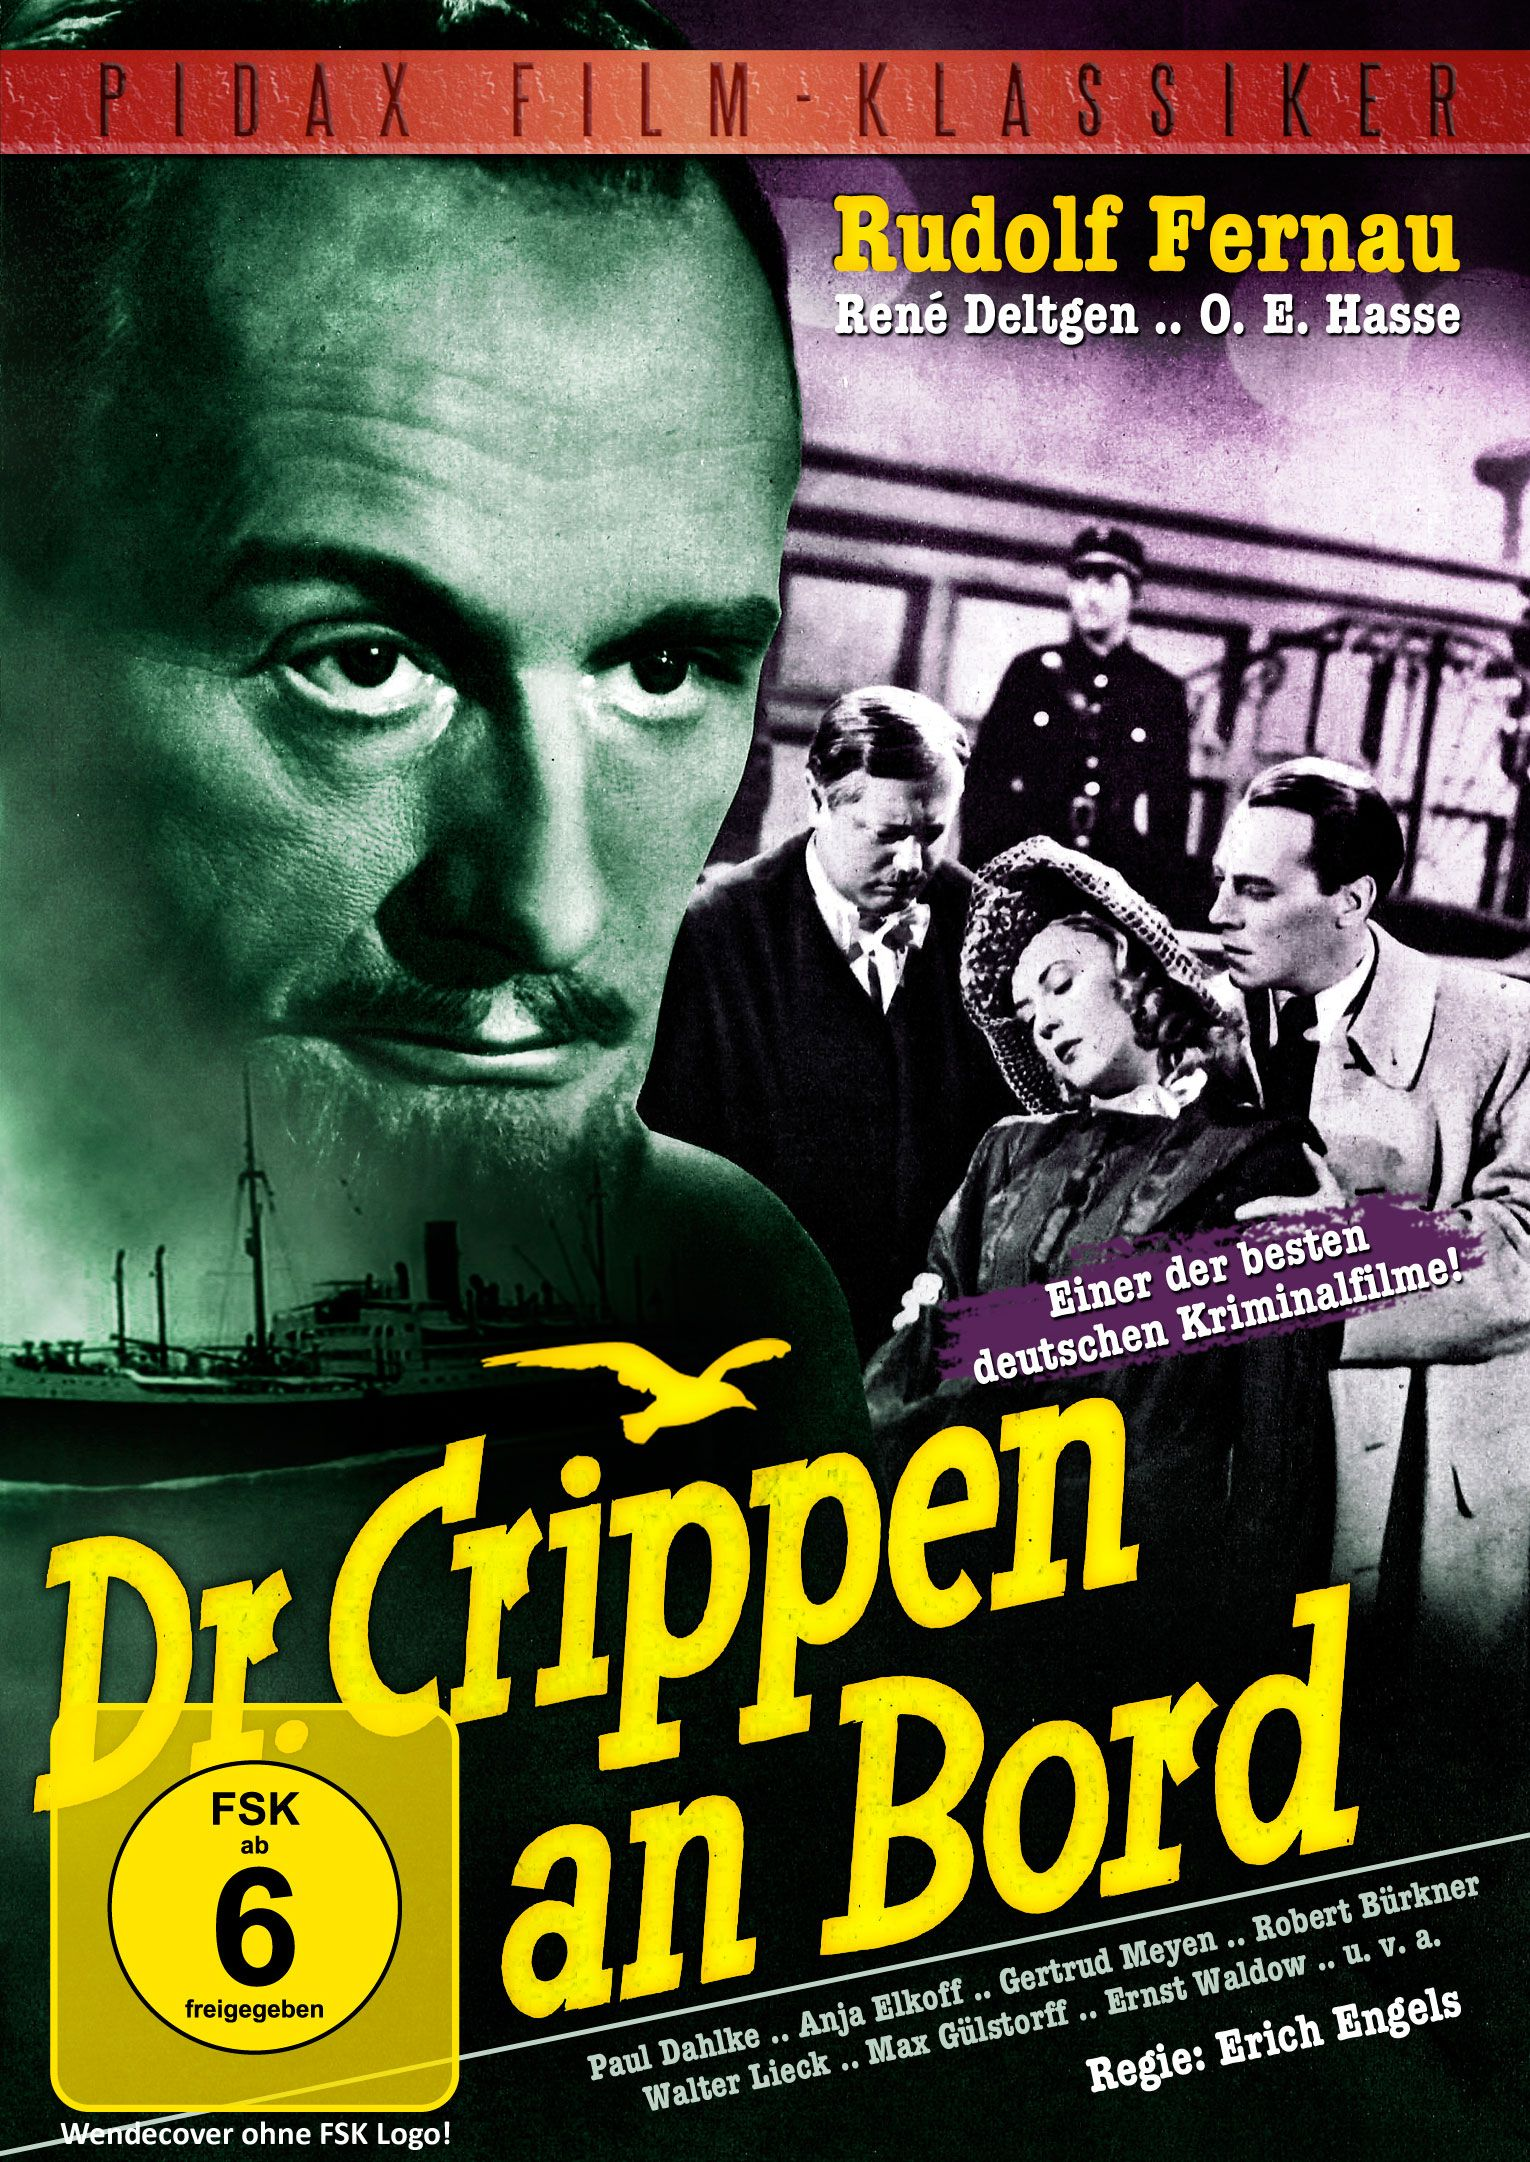 Einer der besten deutschen Kriminalfilme mit Rudolf Fernau, René Deltgen, O. E. Hasse und Paul Dahlke